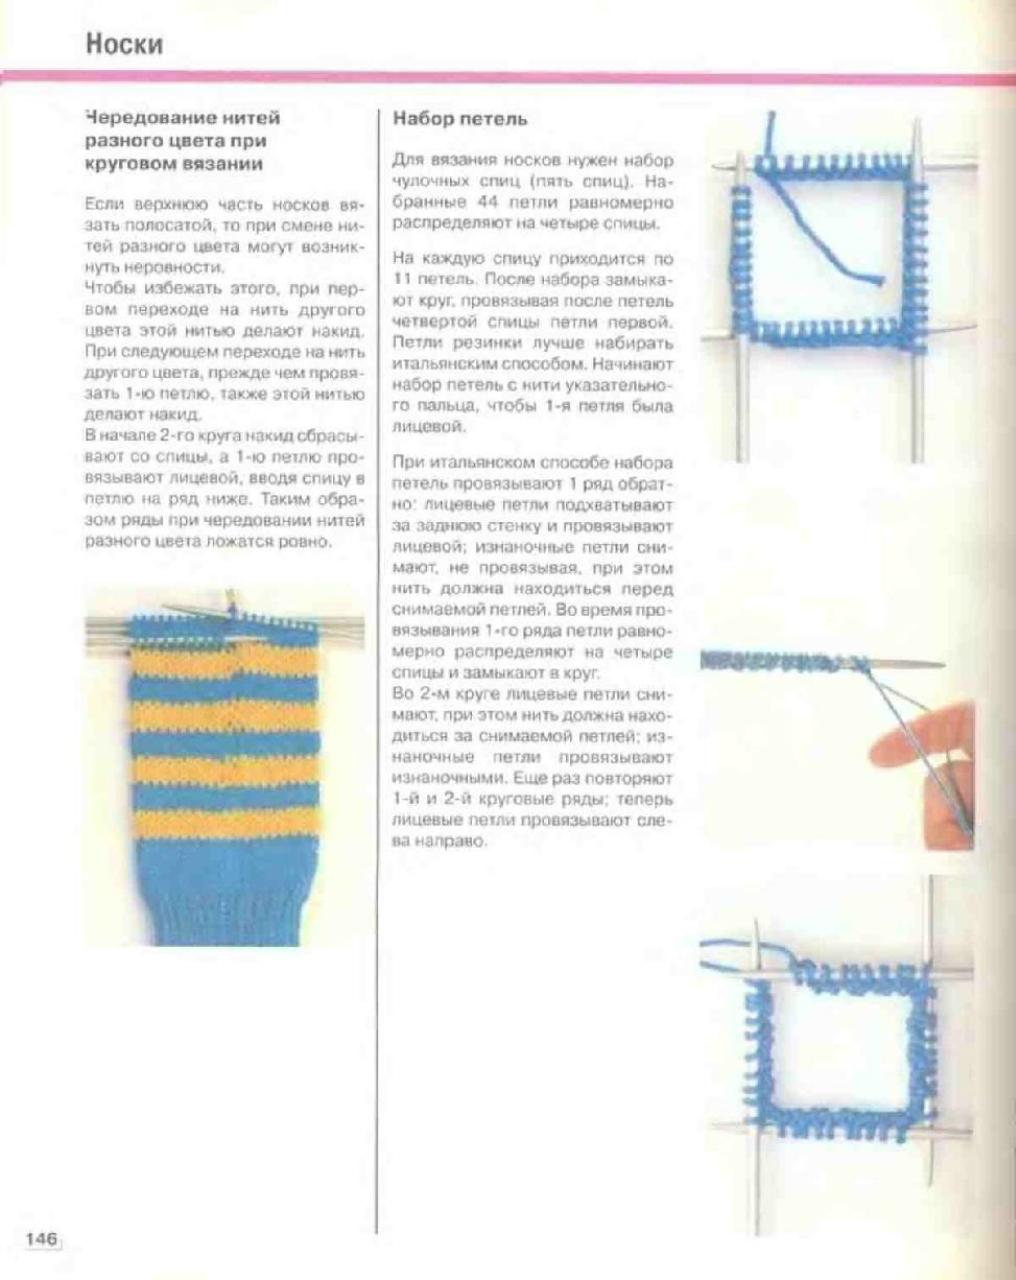 Итальянский набор петель для вязания носков